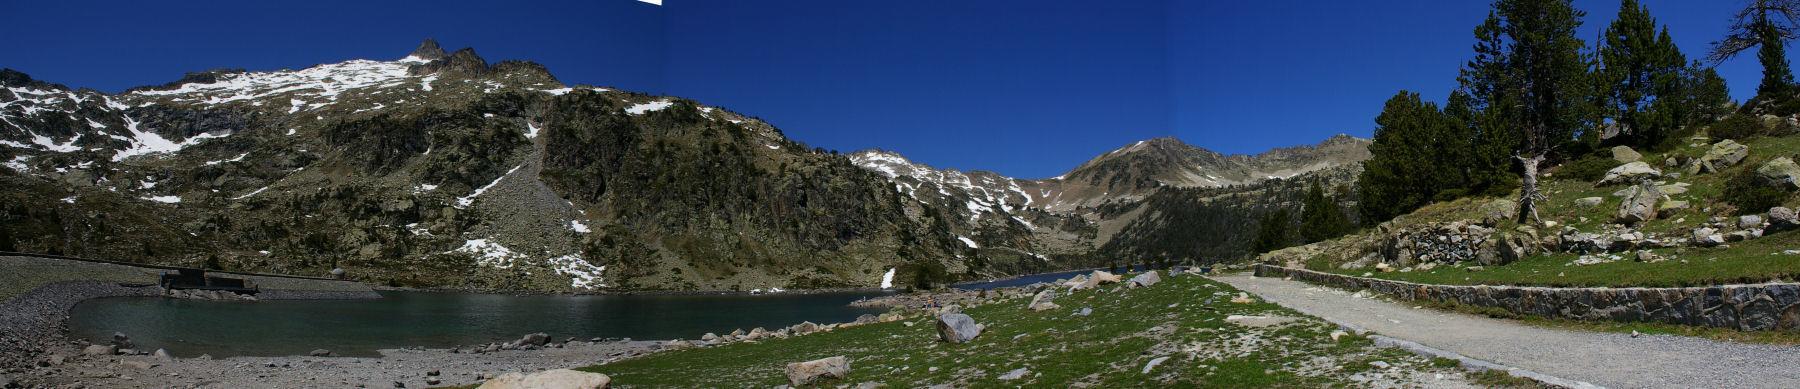 Panoramique sur le lac d'Aubert